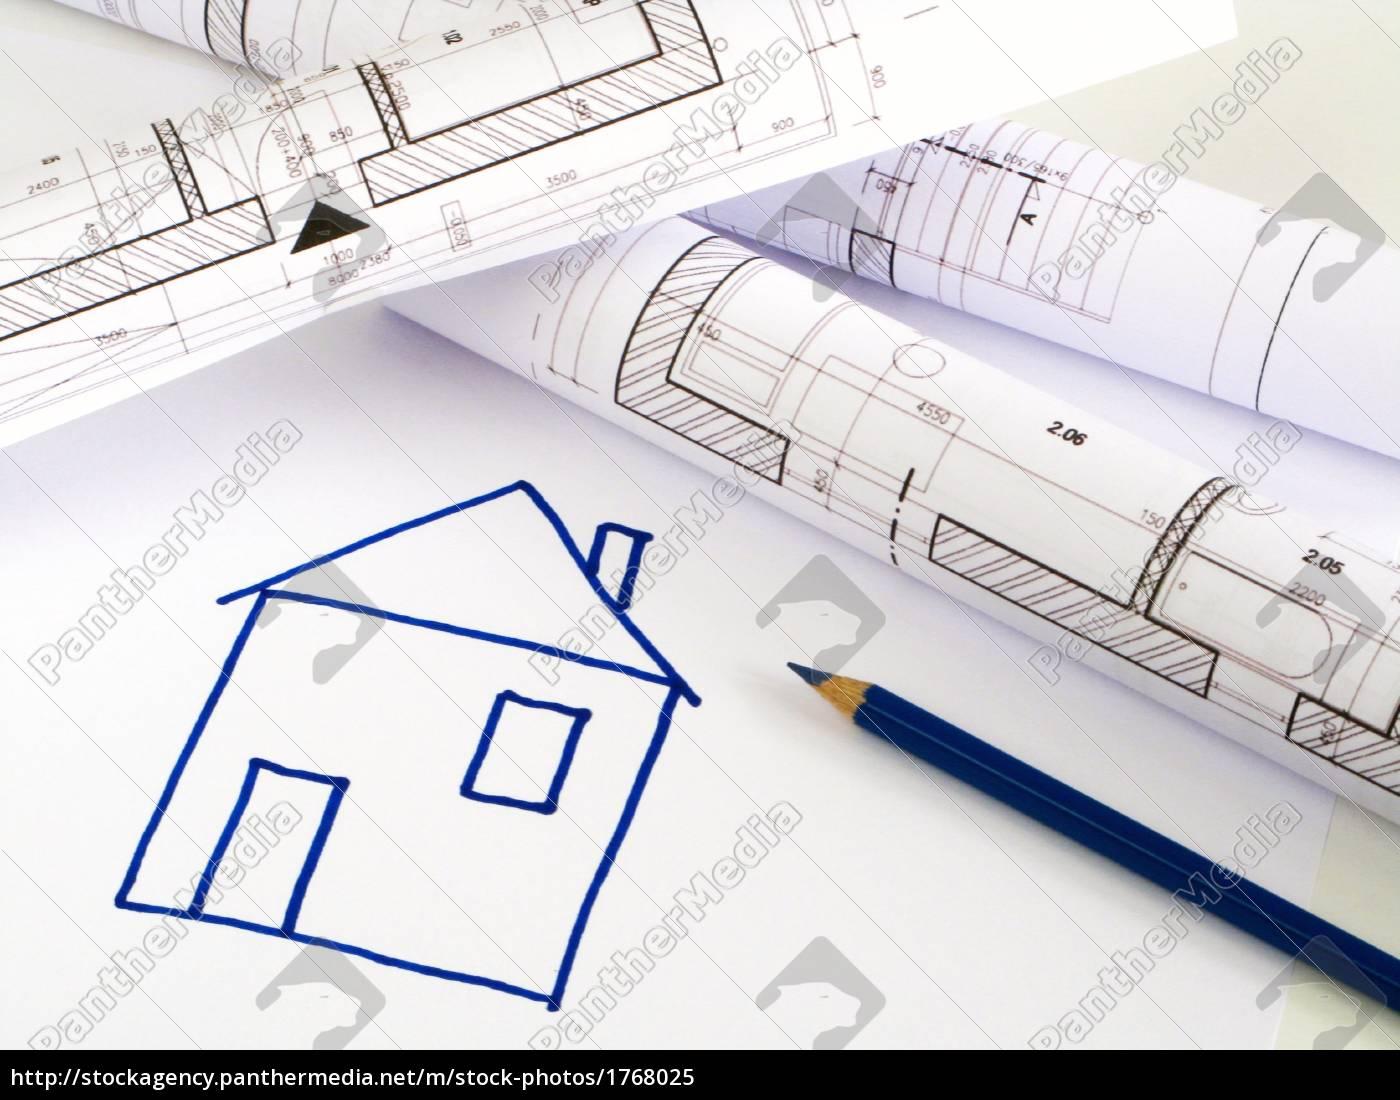 Architektonische skizze haus plan lizenzfreies bild for Haus plan bilder